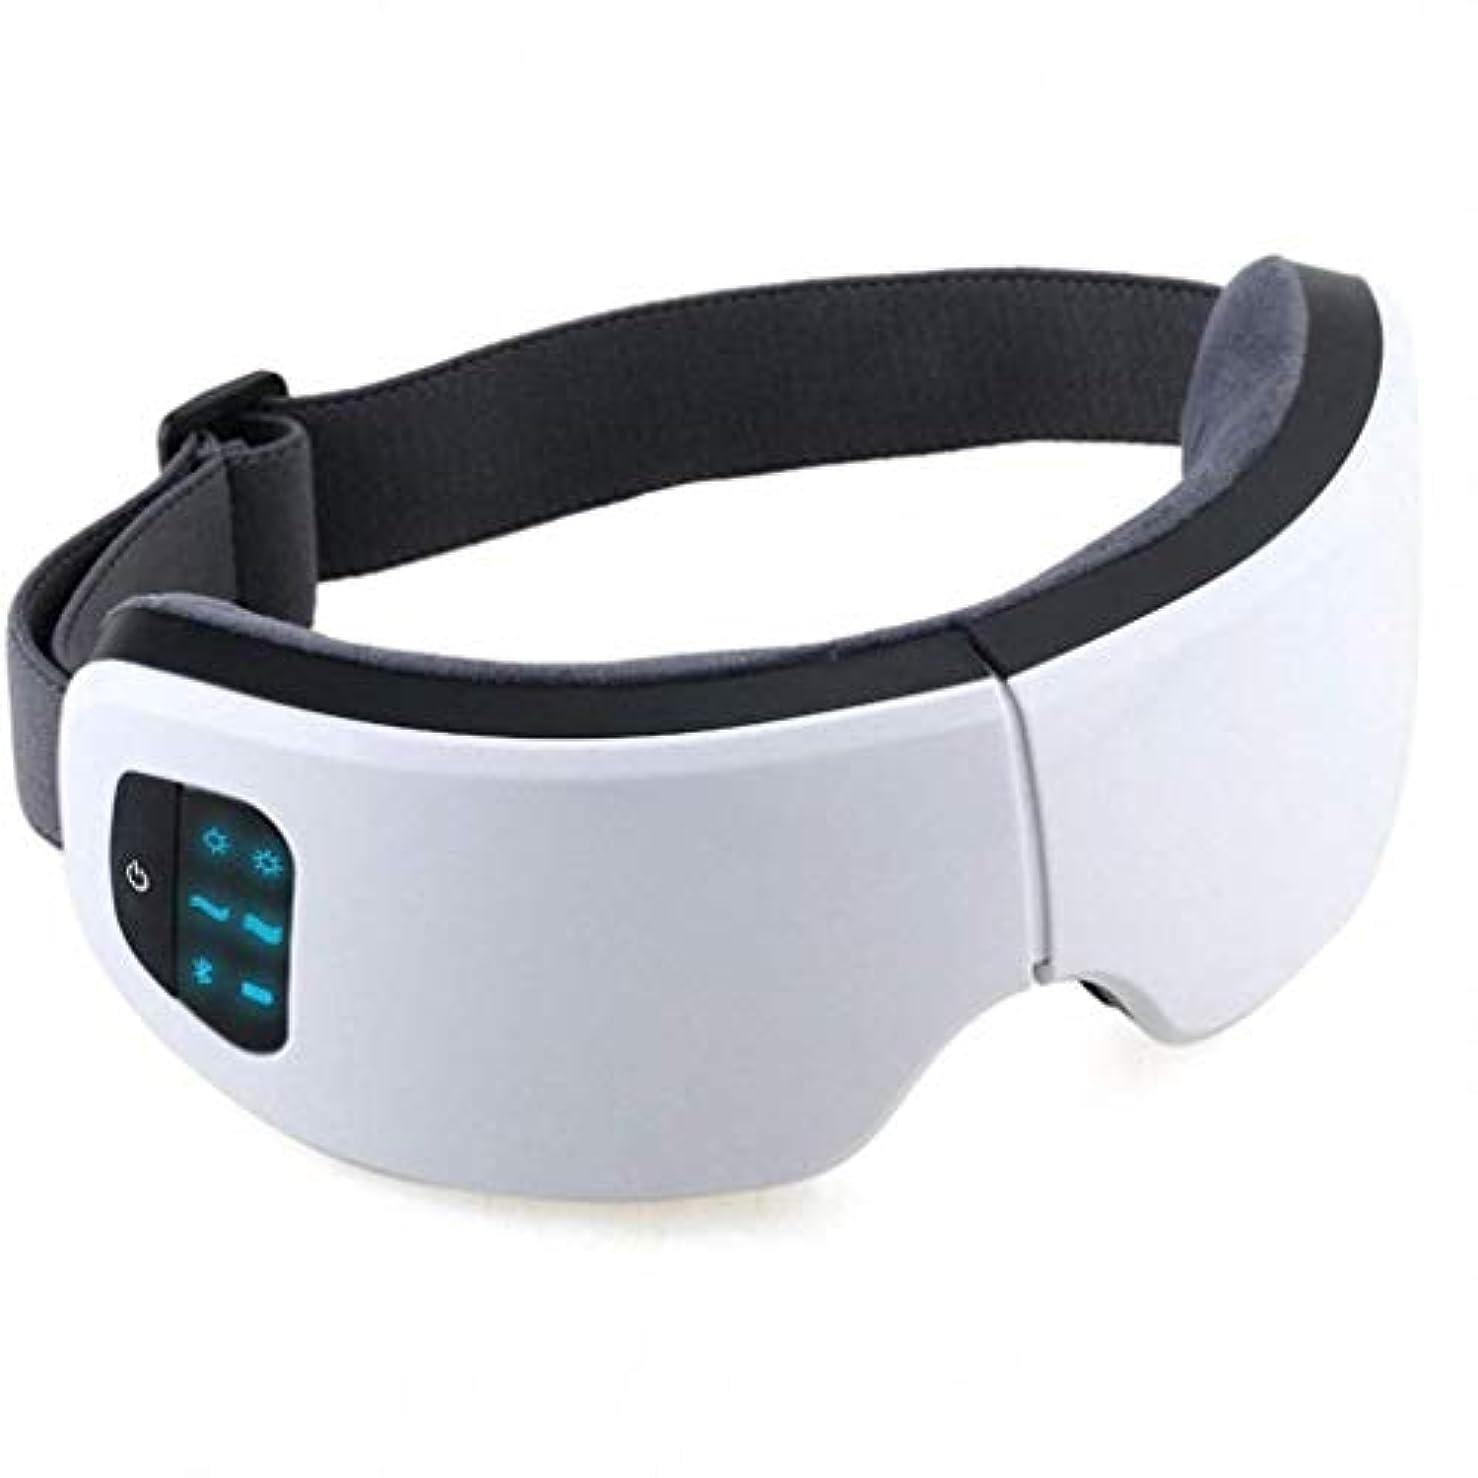 ナイロン目的乳白色電動アイマスク、アイマッサージャー、折りたたみ式USB充電式スマートデコンプレッションマシン、ワイヤレスBluetoothポータブル、目の疲れを和らげる、ダークサークル、アイバッグ、美容機器